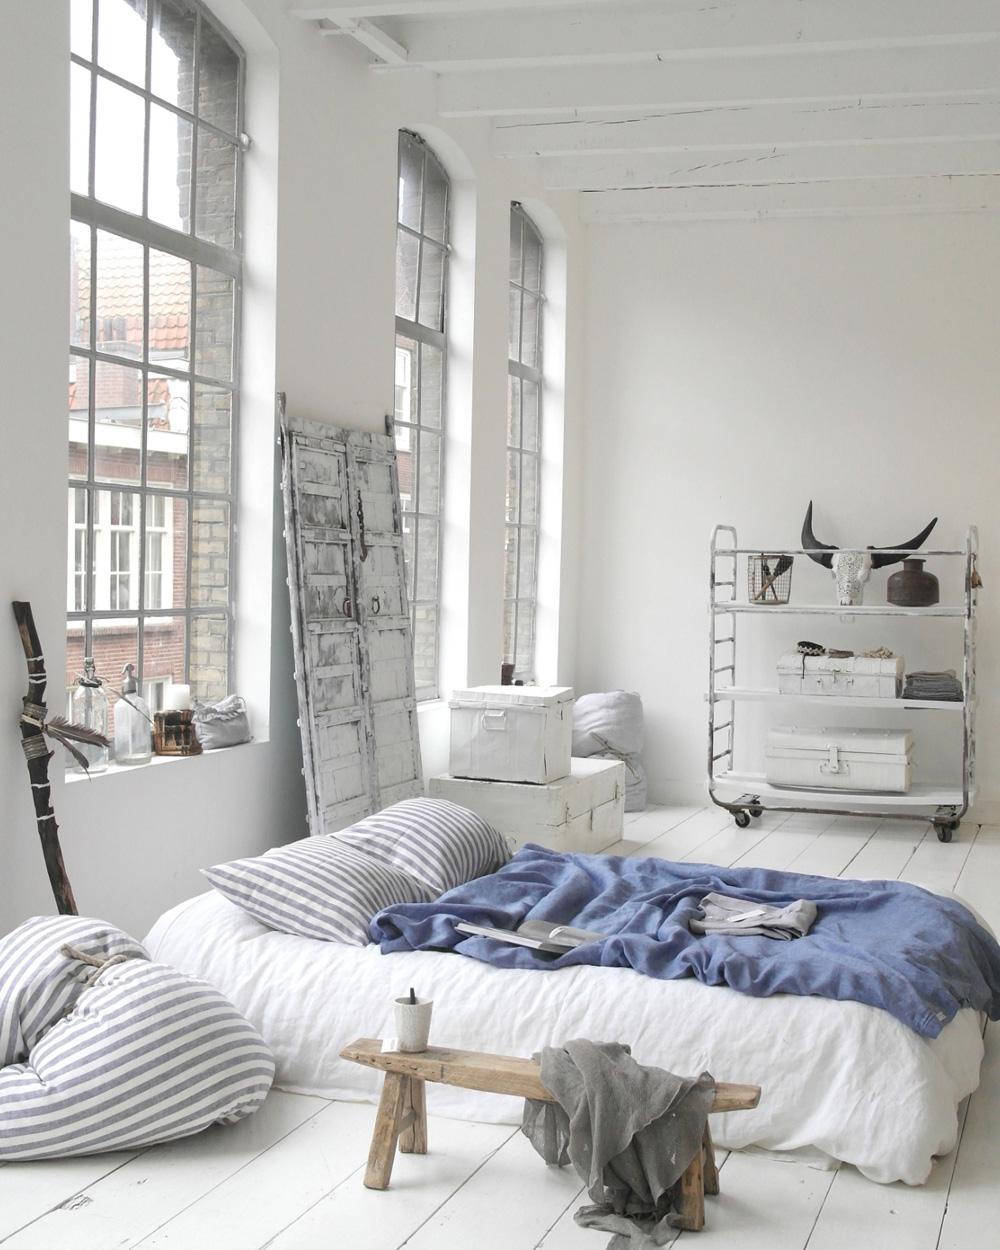 lumiere pour chambre id es novatrices de la conception et du mobilier de maison. Black Bedroom Furniture Sets. Home Design Ideas